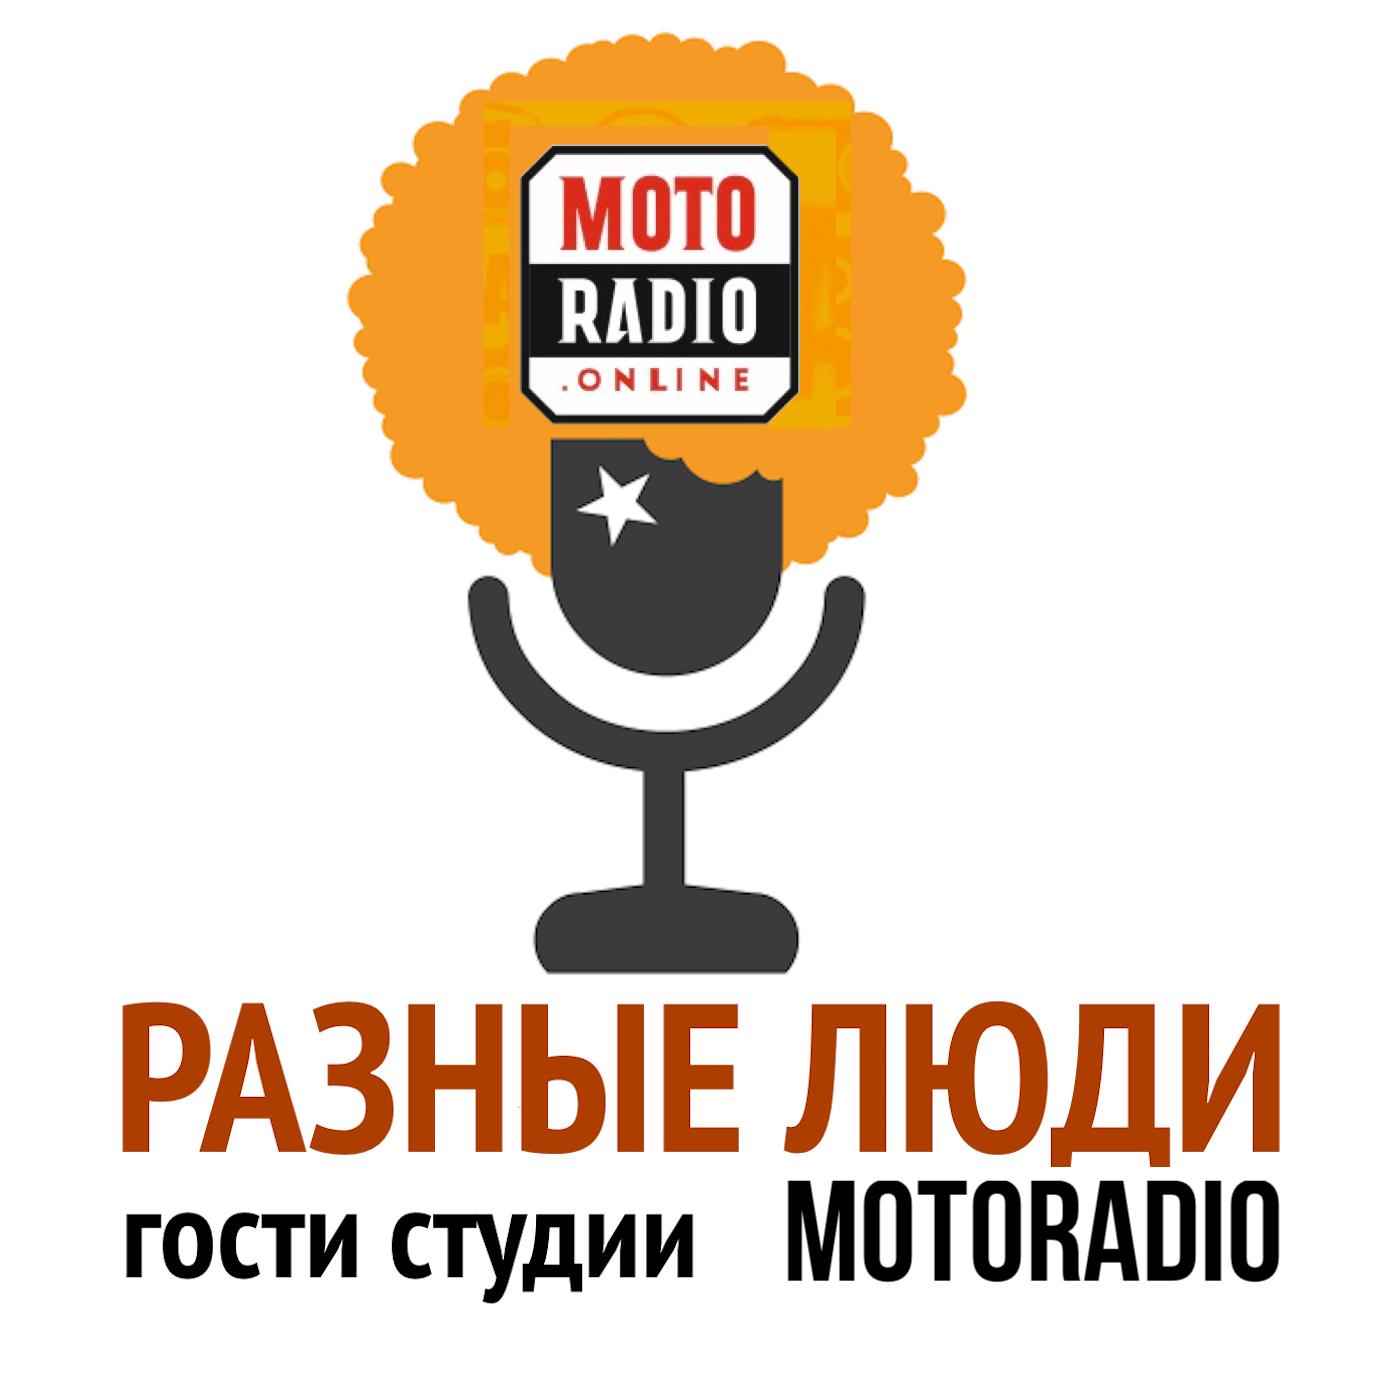 Моторадио РОСГОССТРАХ в Санкт-Петербурге и Ленобласти — страхование загородной недвижимости обсуждаем с Людмилой Лавровой elancyl купить в санкт петербурге